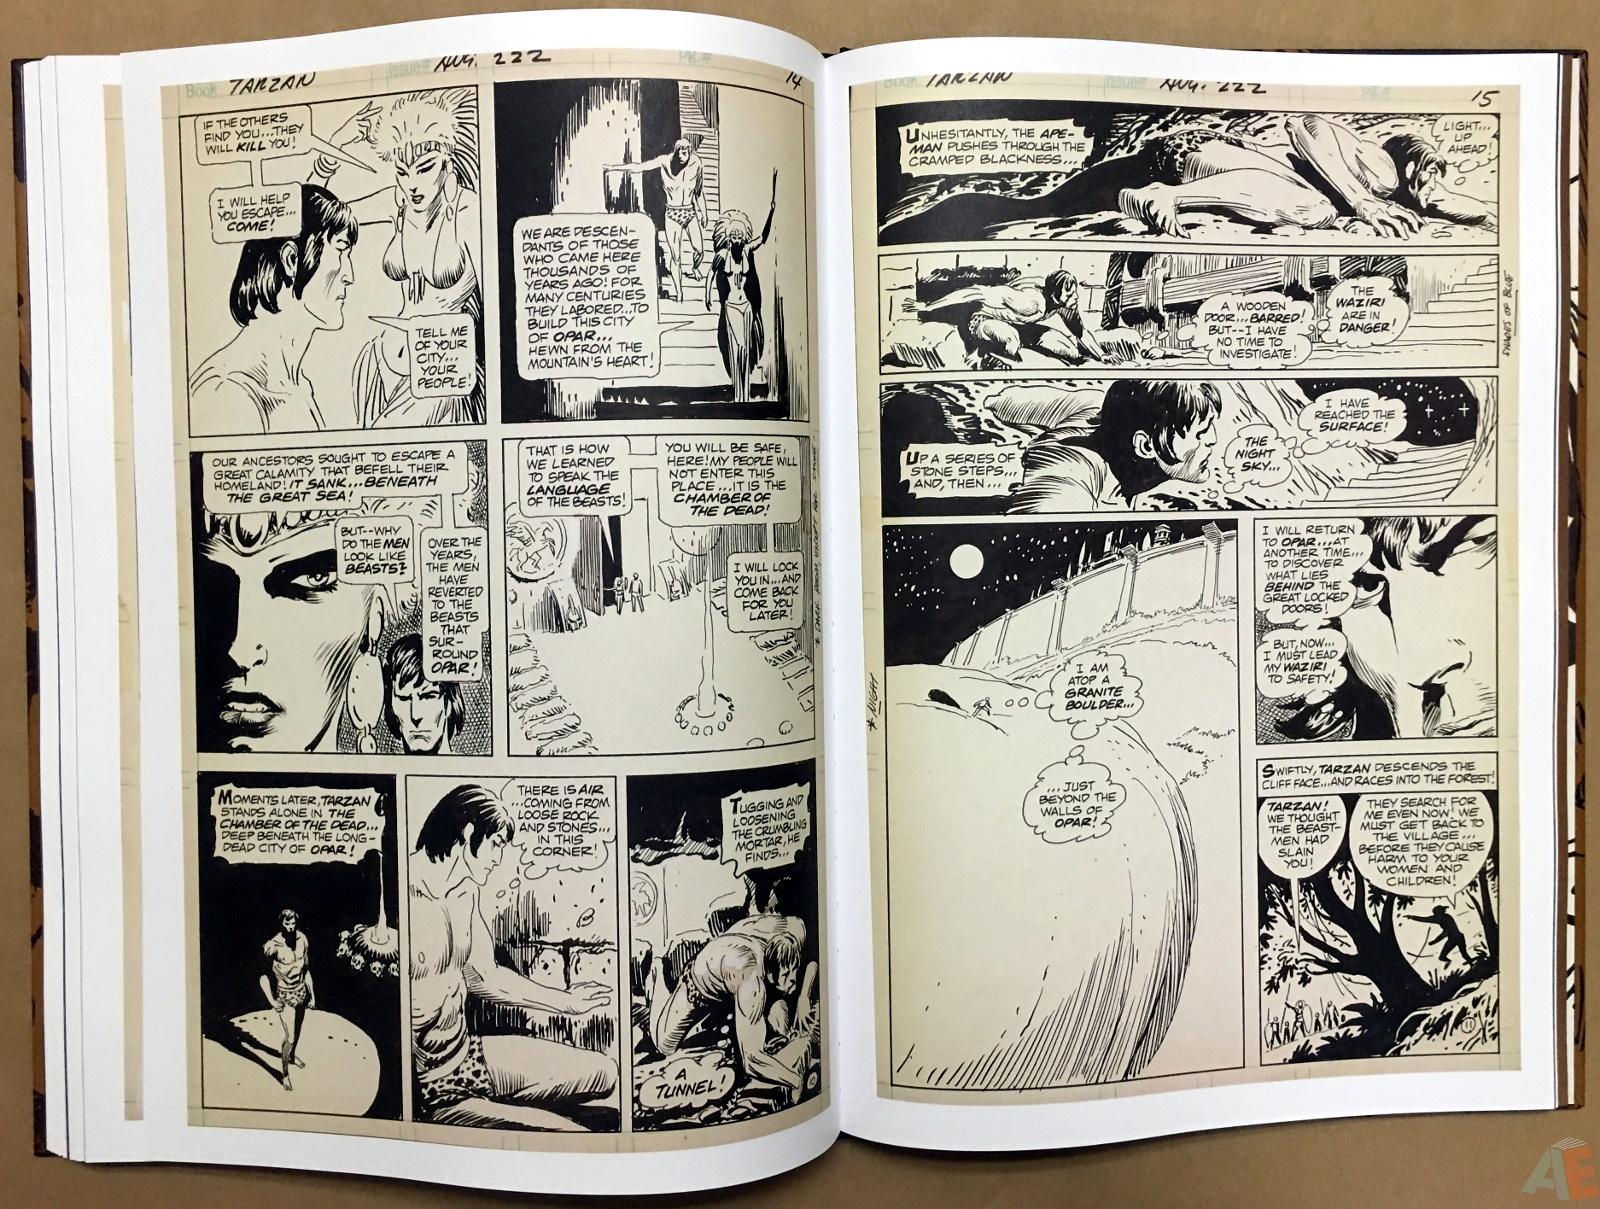 Joe Kubert's The Return Of Tarzan Artist's Edition 44